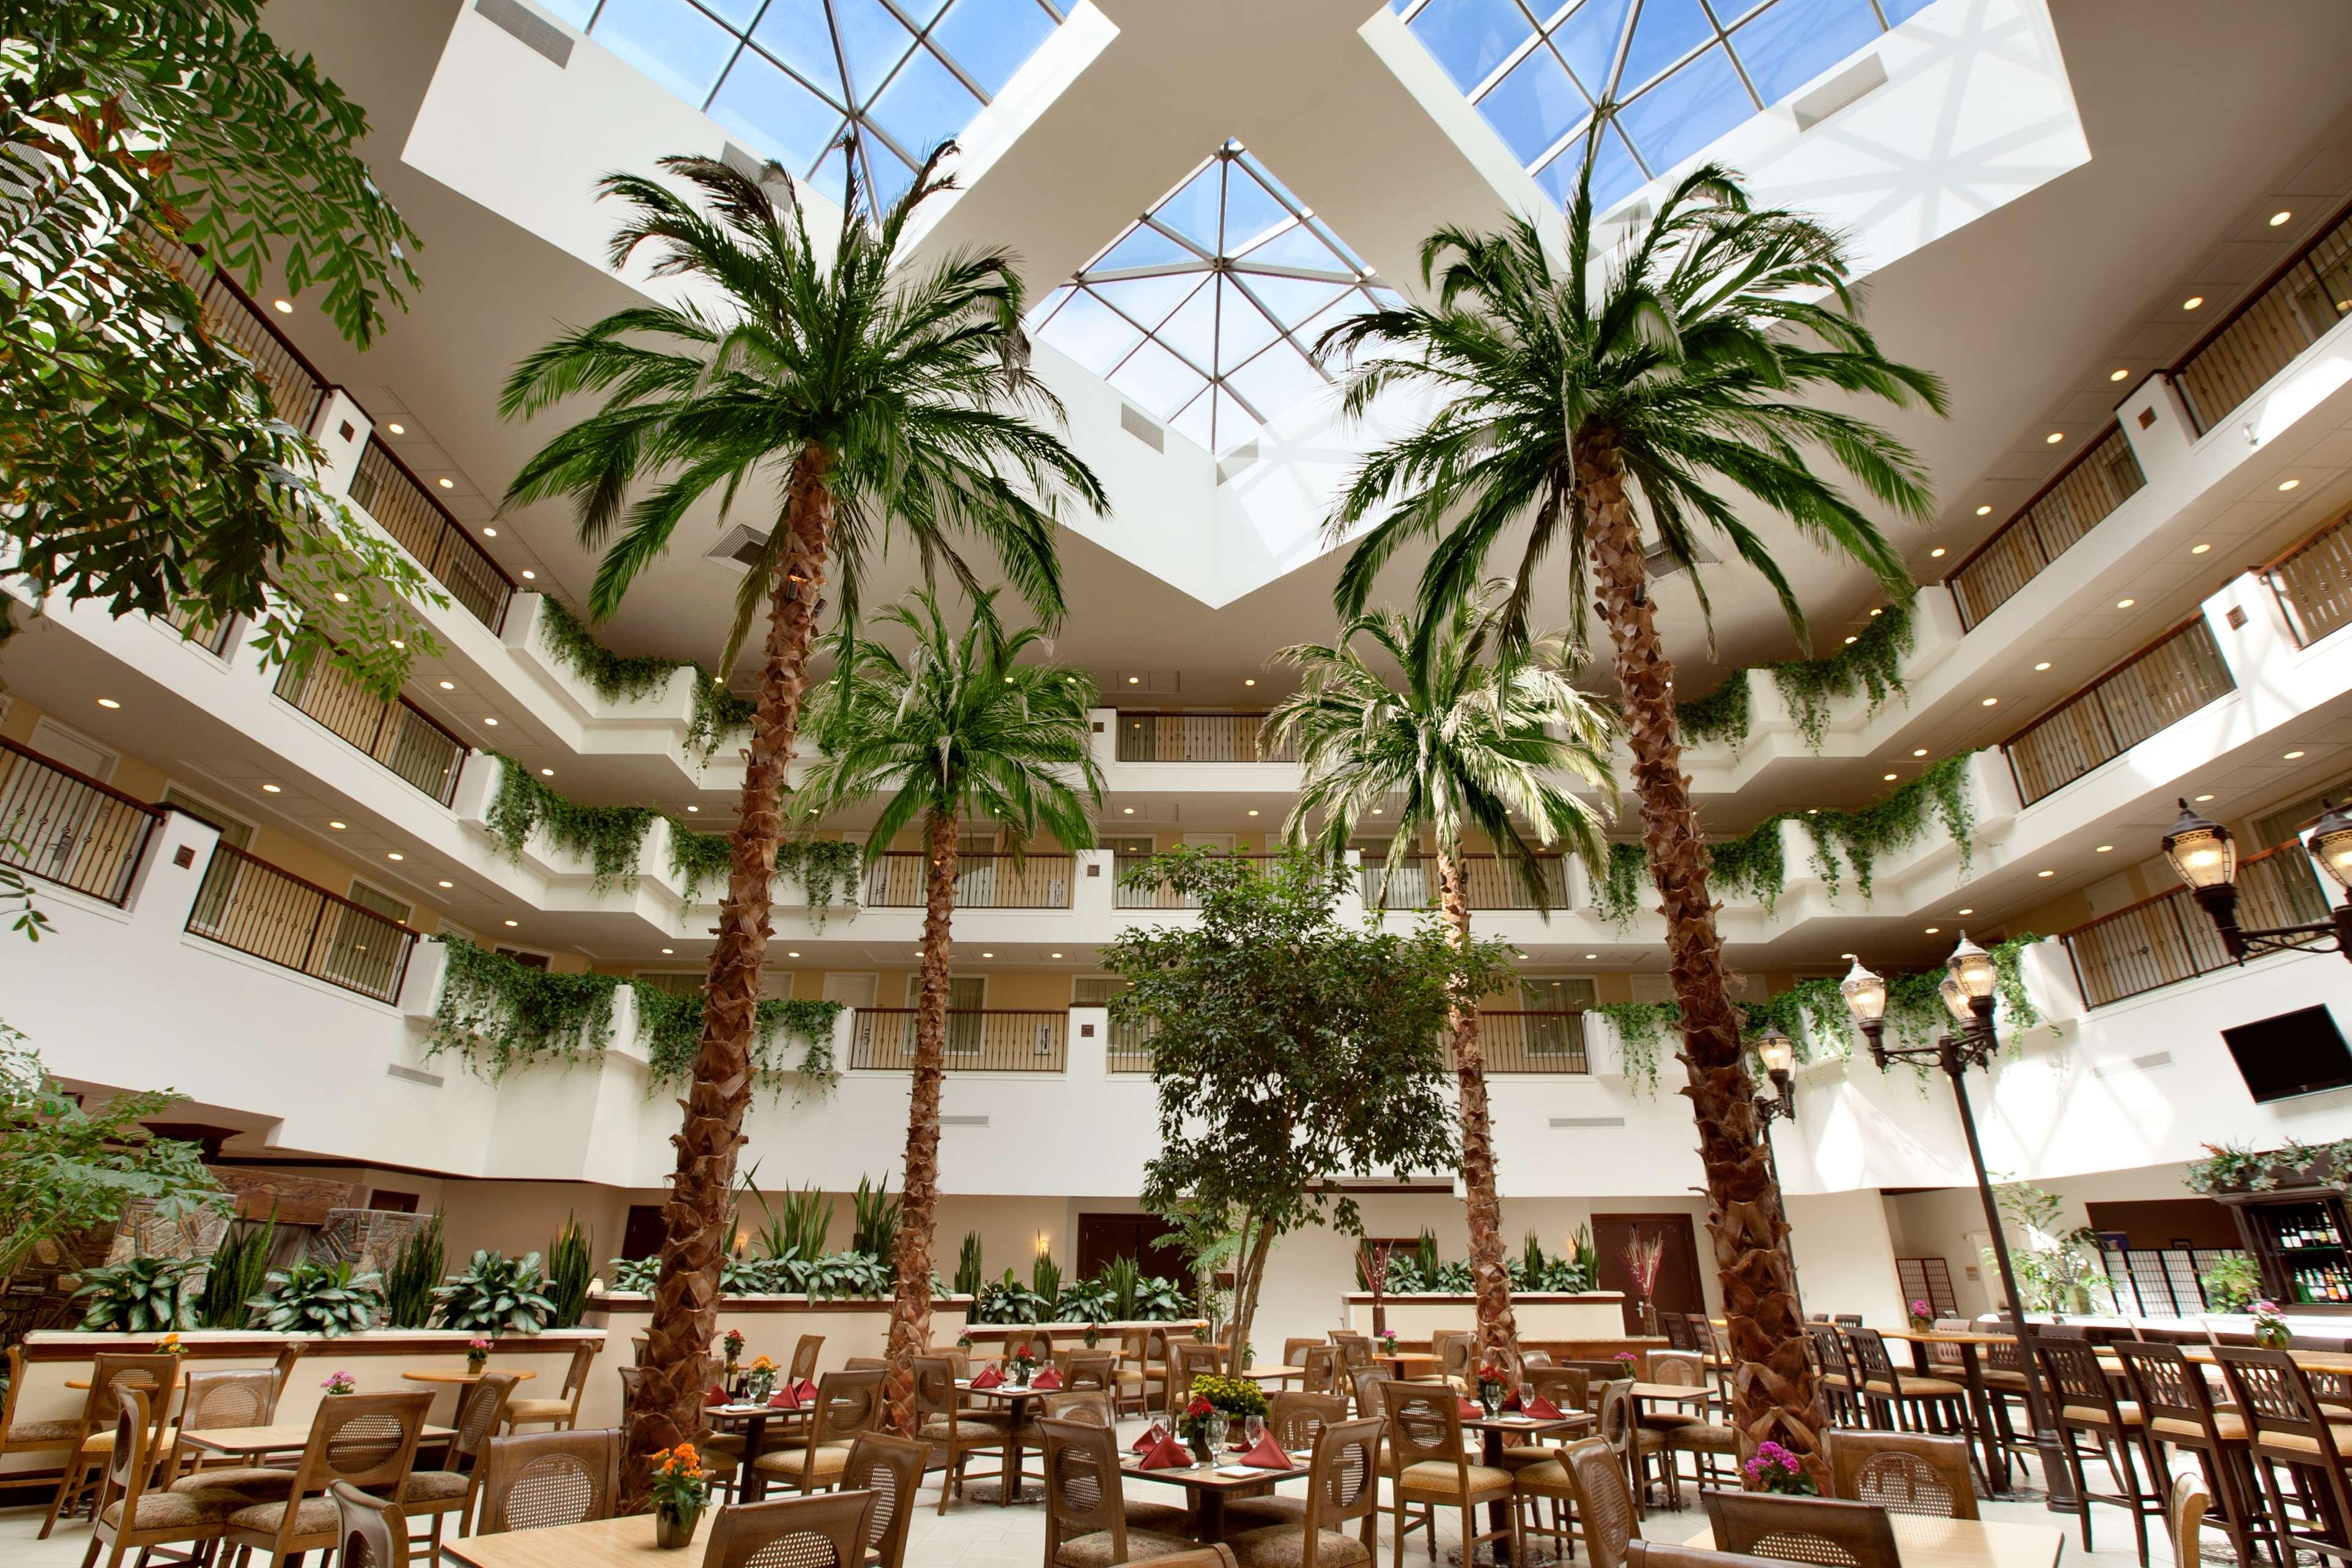 Embassy Suites by Hilton La Quinta Hotel & Spa image 4